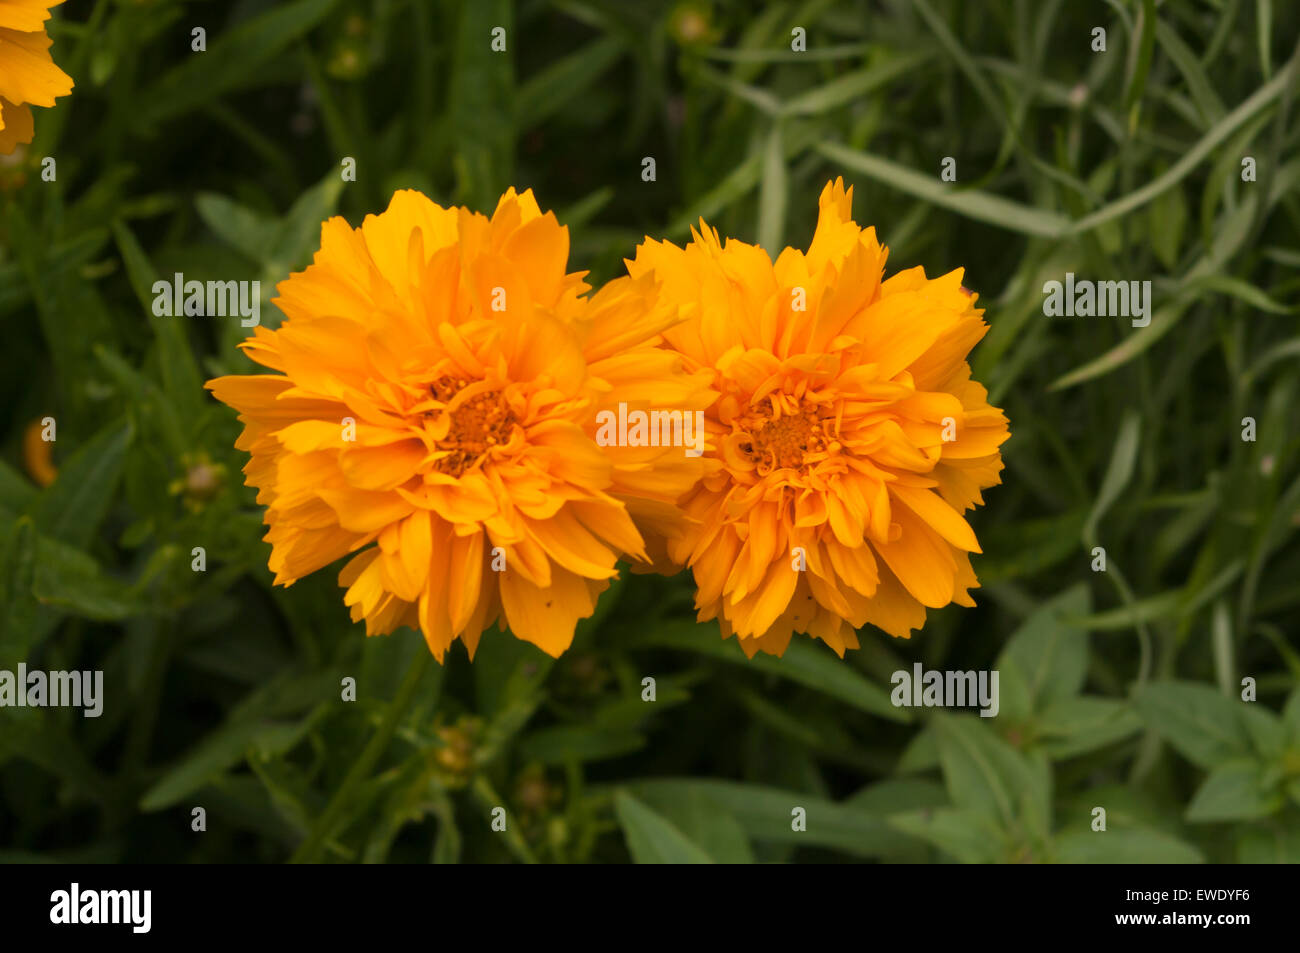 Yellow Flowers Coreopsis Calliopsis Tickseed Stock Photos Yellow